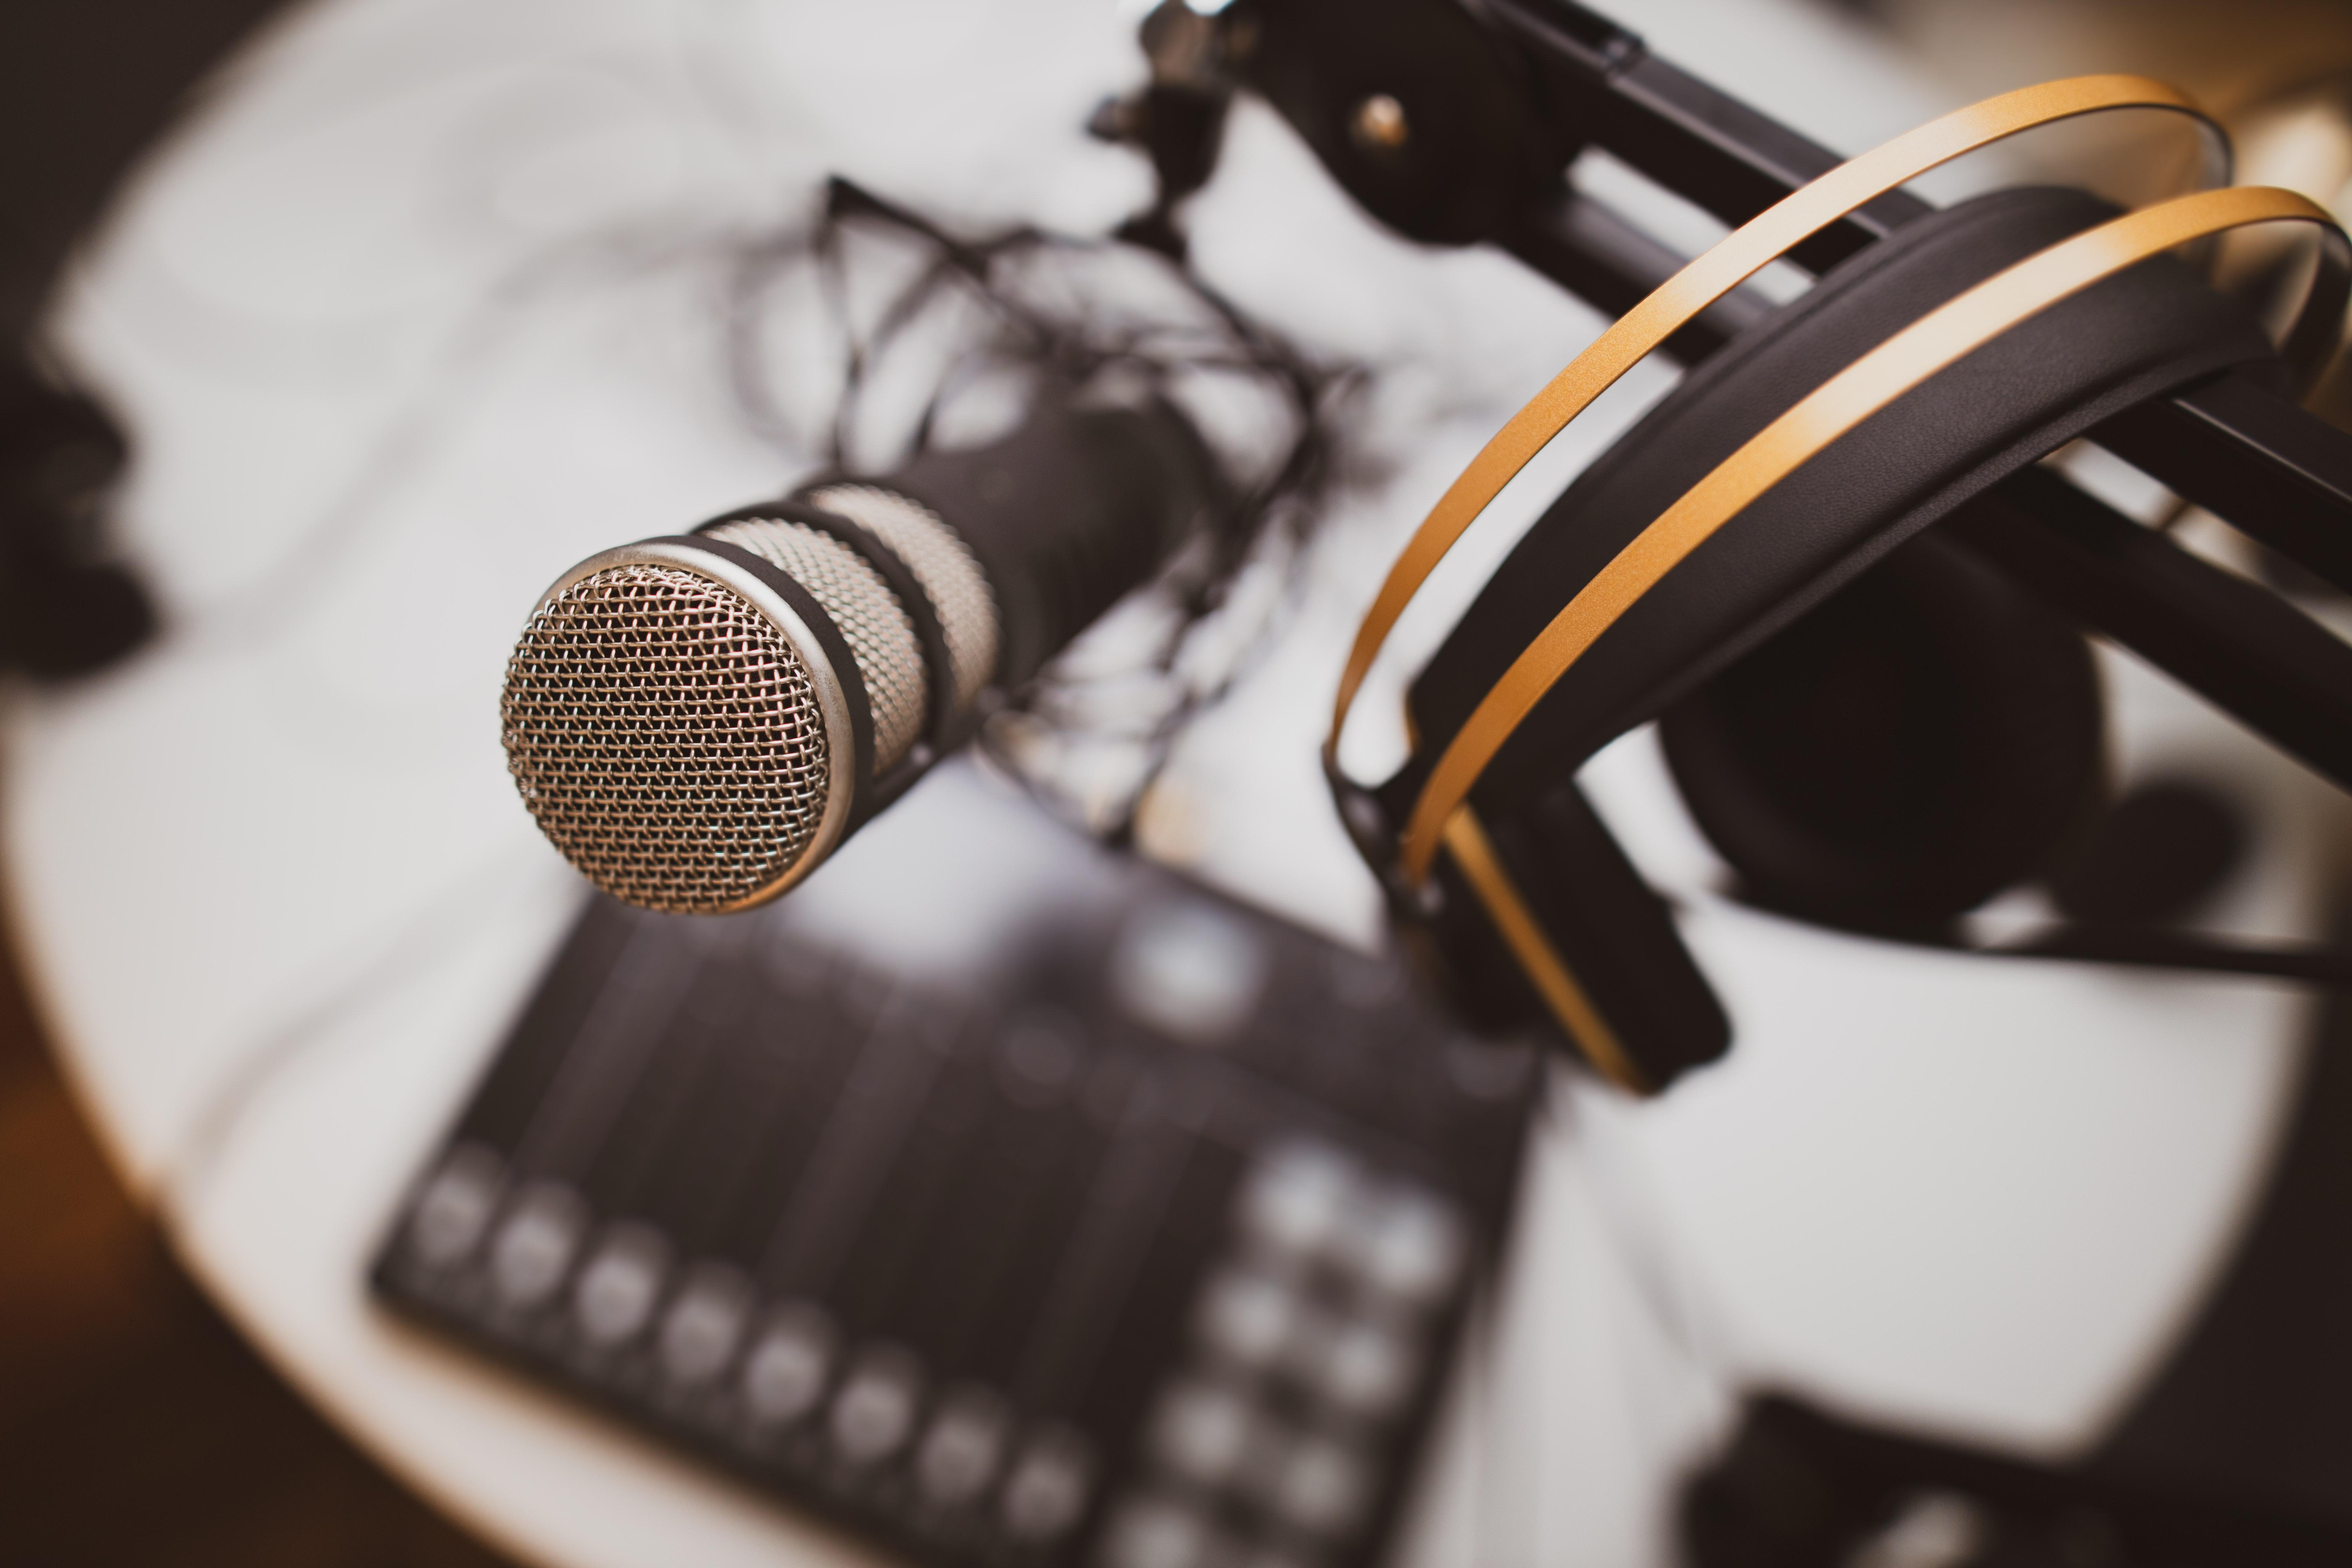 アプリ 音声 配信 ラジオ配信アプリのおすすめ7選!顔出し不要で声だけの配信が可能